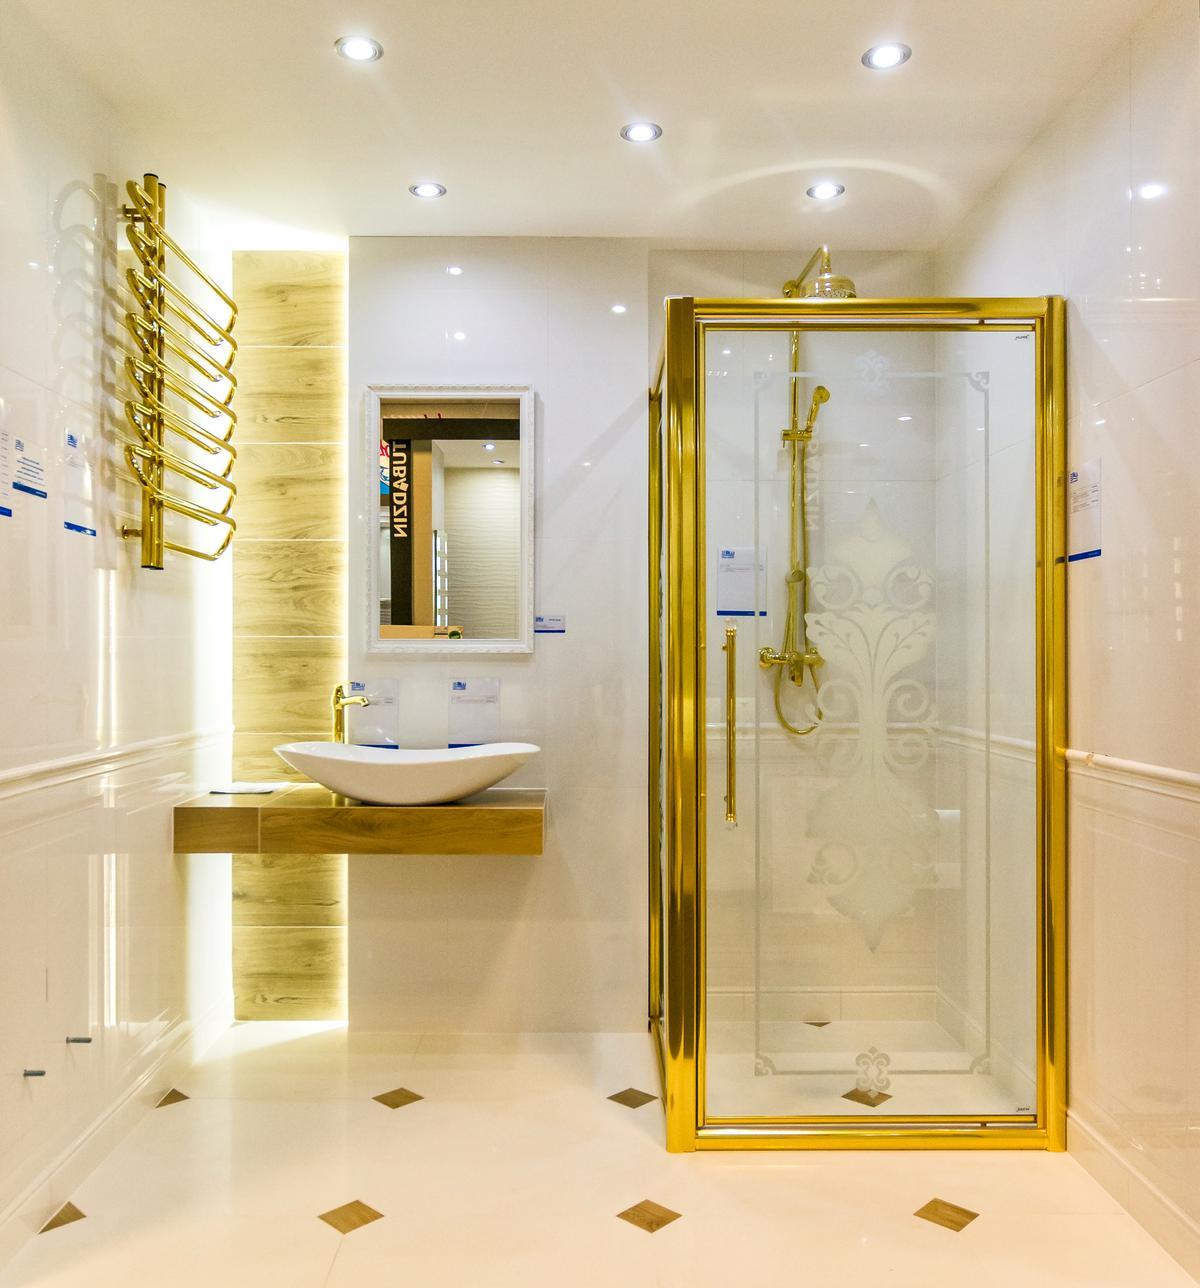 Odcienie luksusu - łazienka w złocie - zdjęcie od BLU salon łazienek Łódź